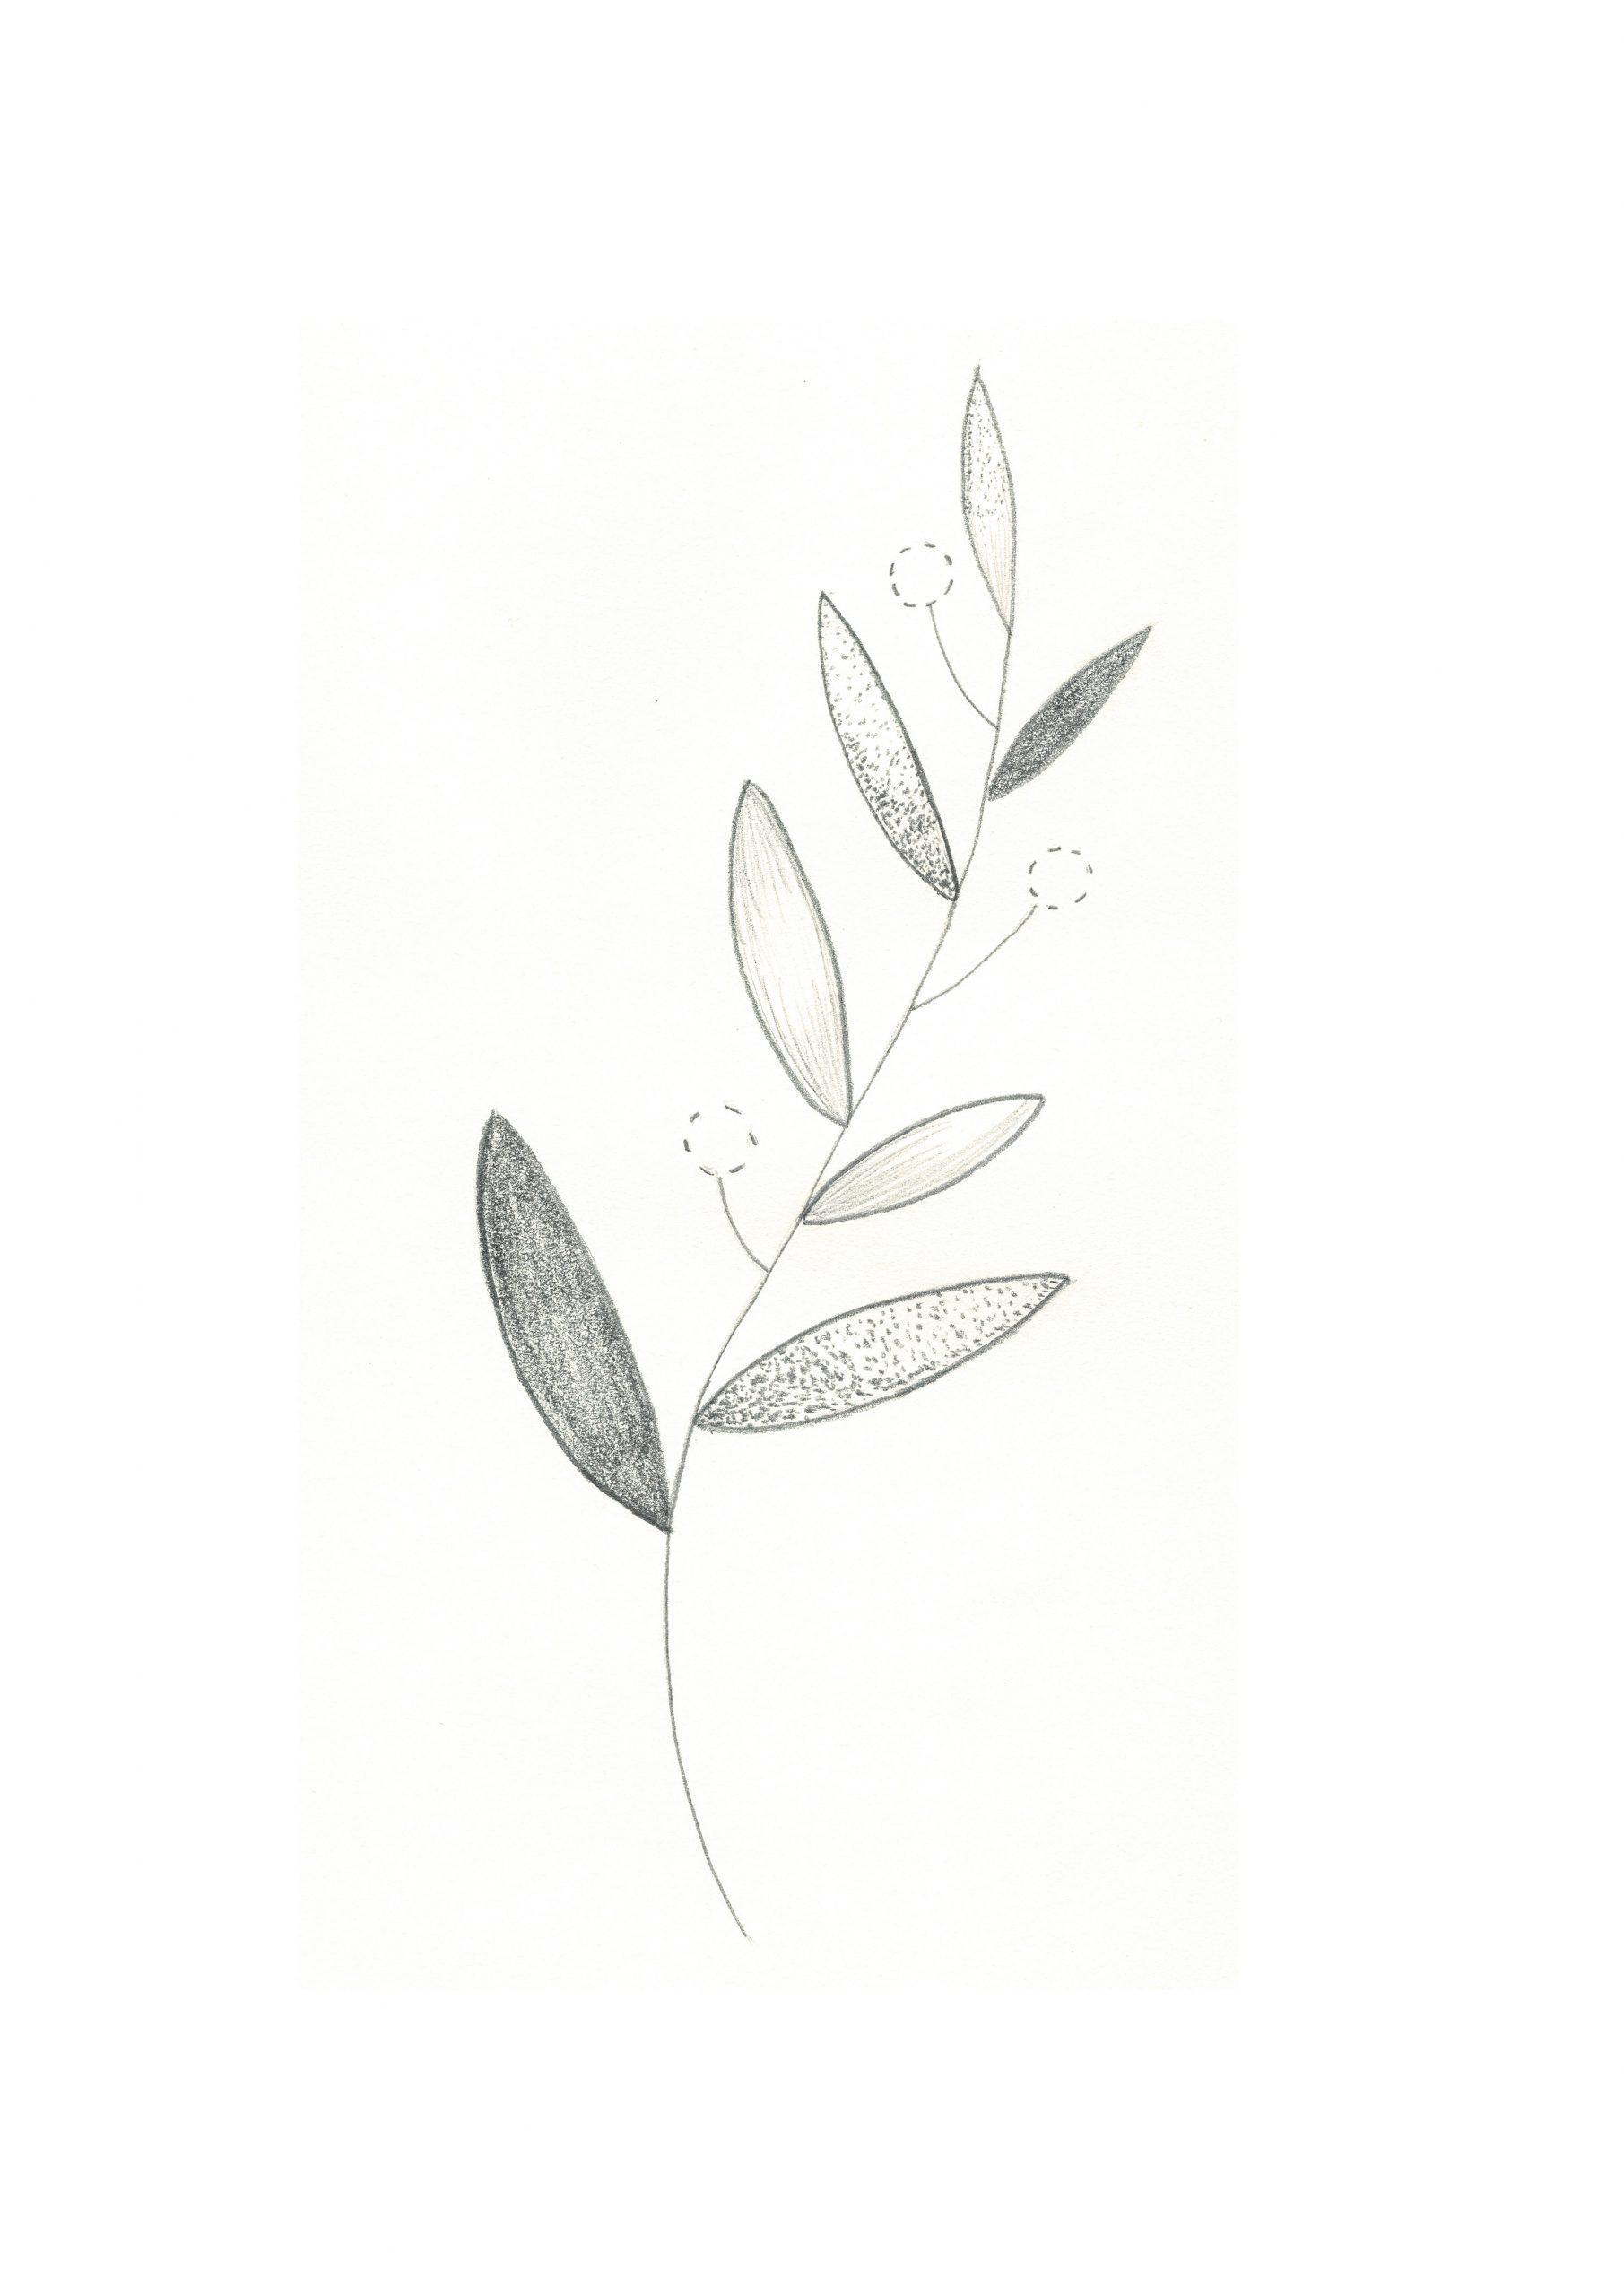 Dessin au crayon d'une plante imaginaire